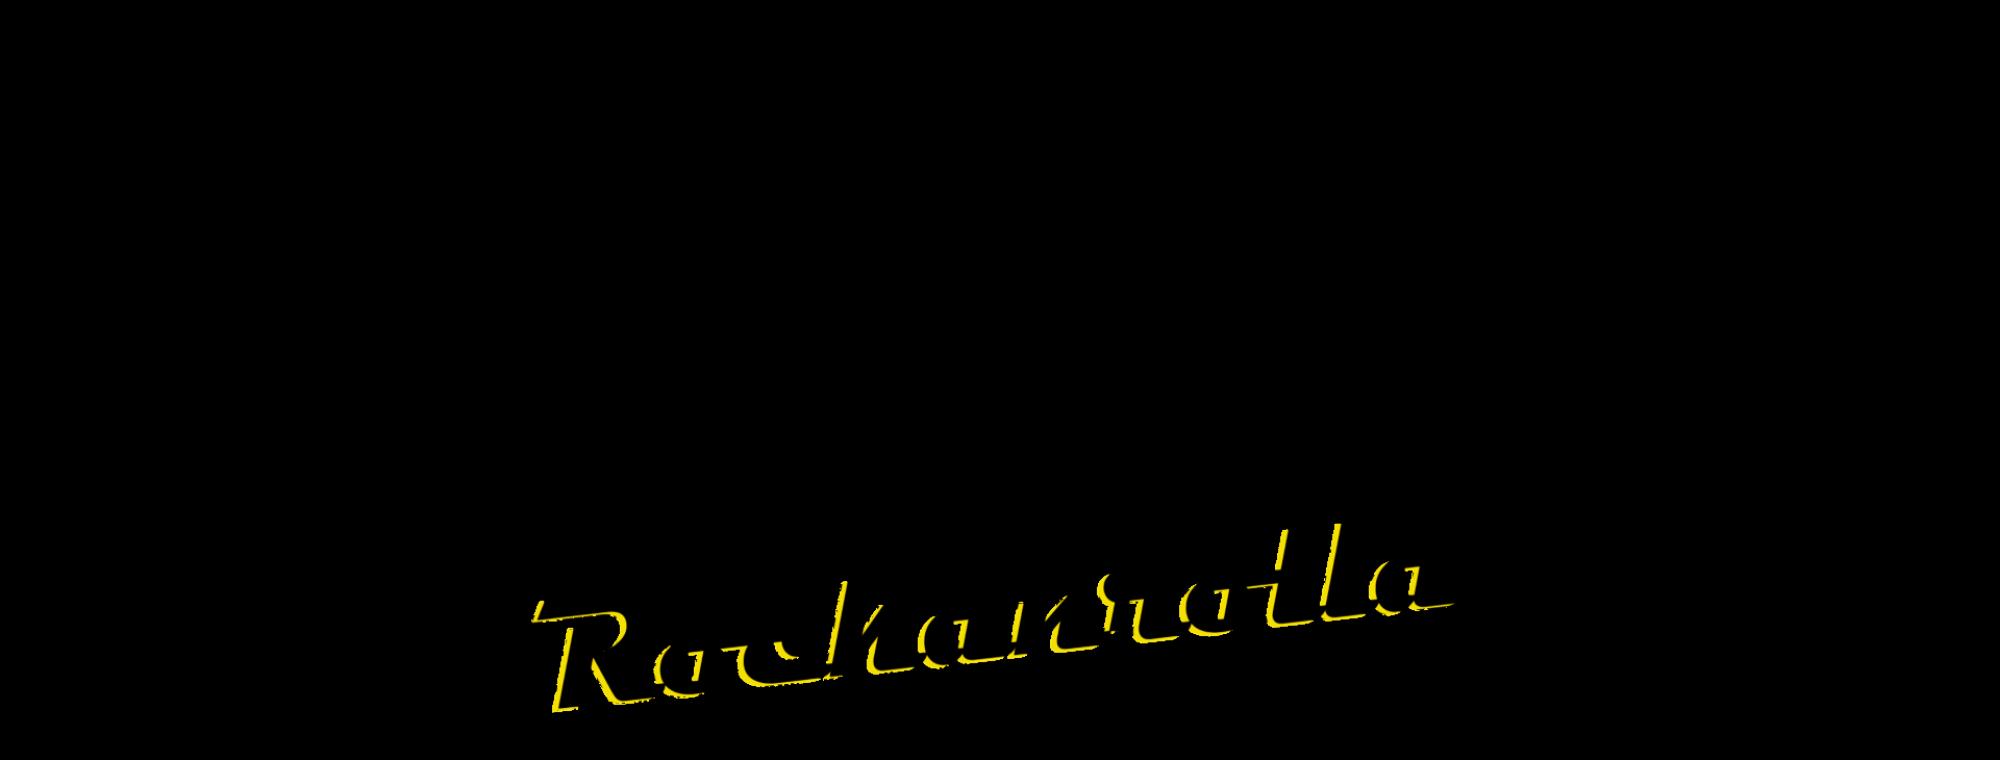 Rockanrollaescuelademusica